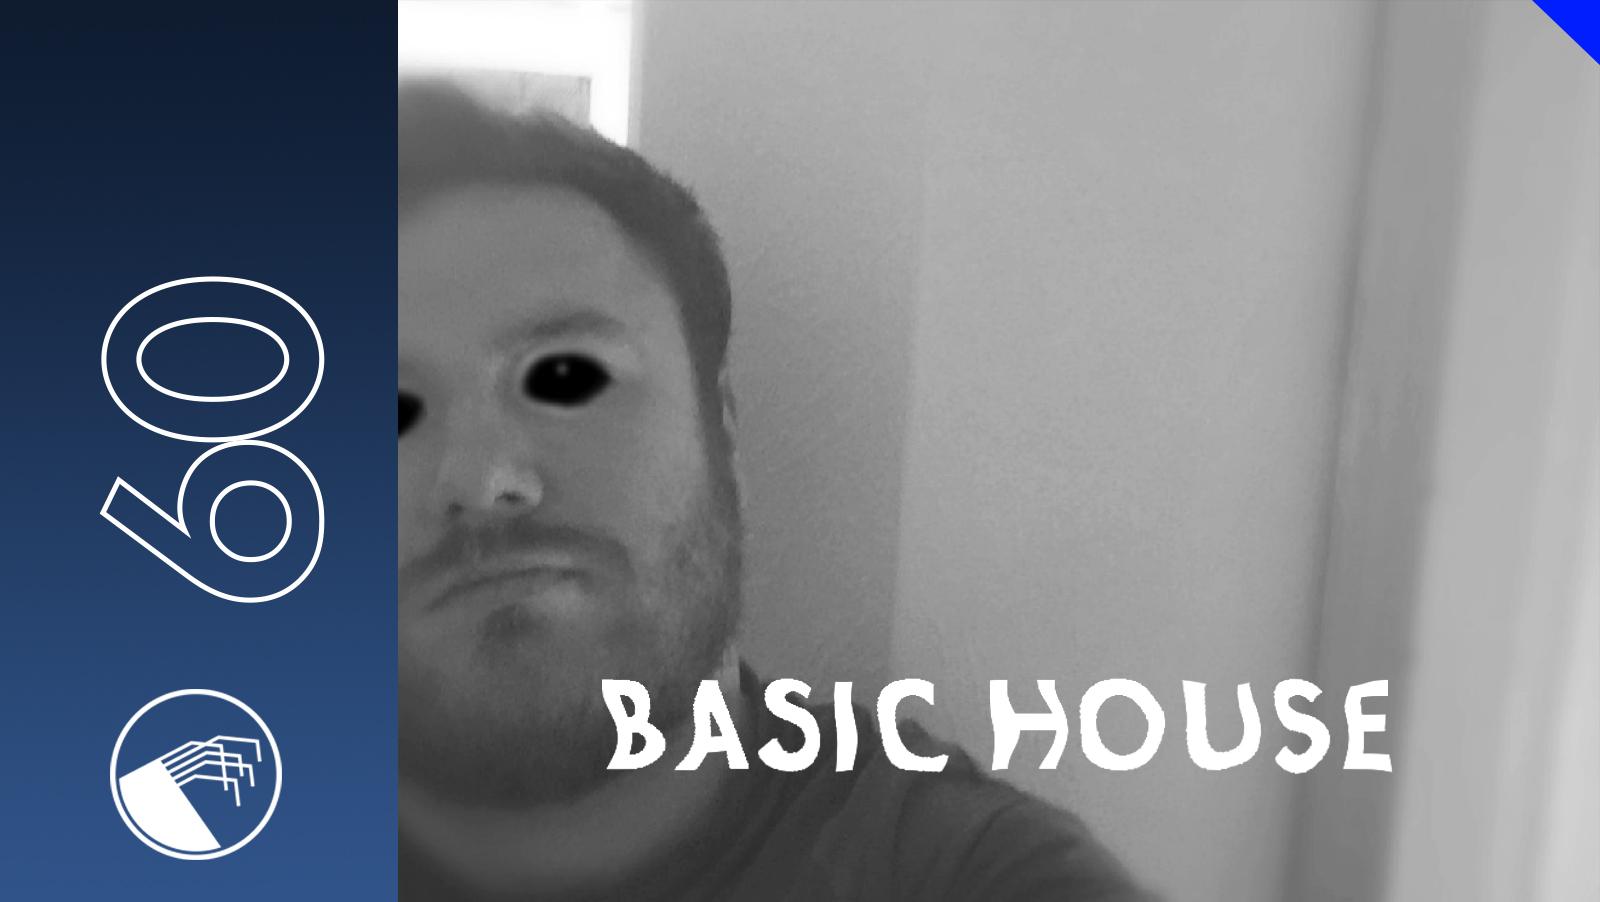 060 Basic House